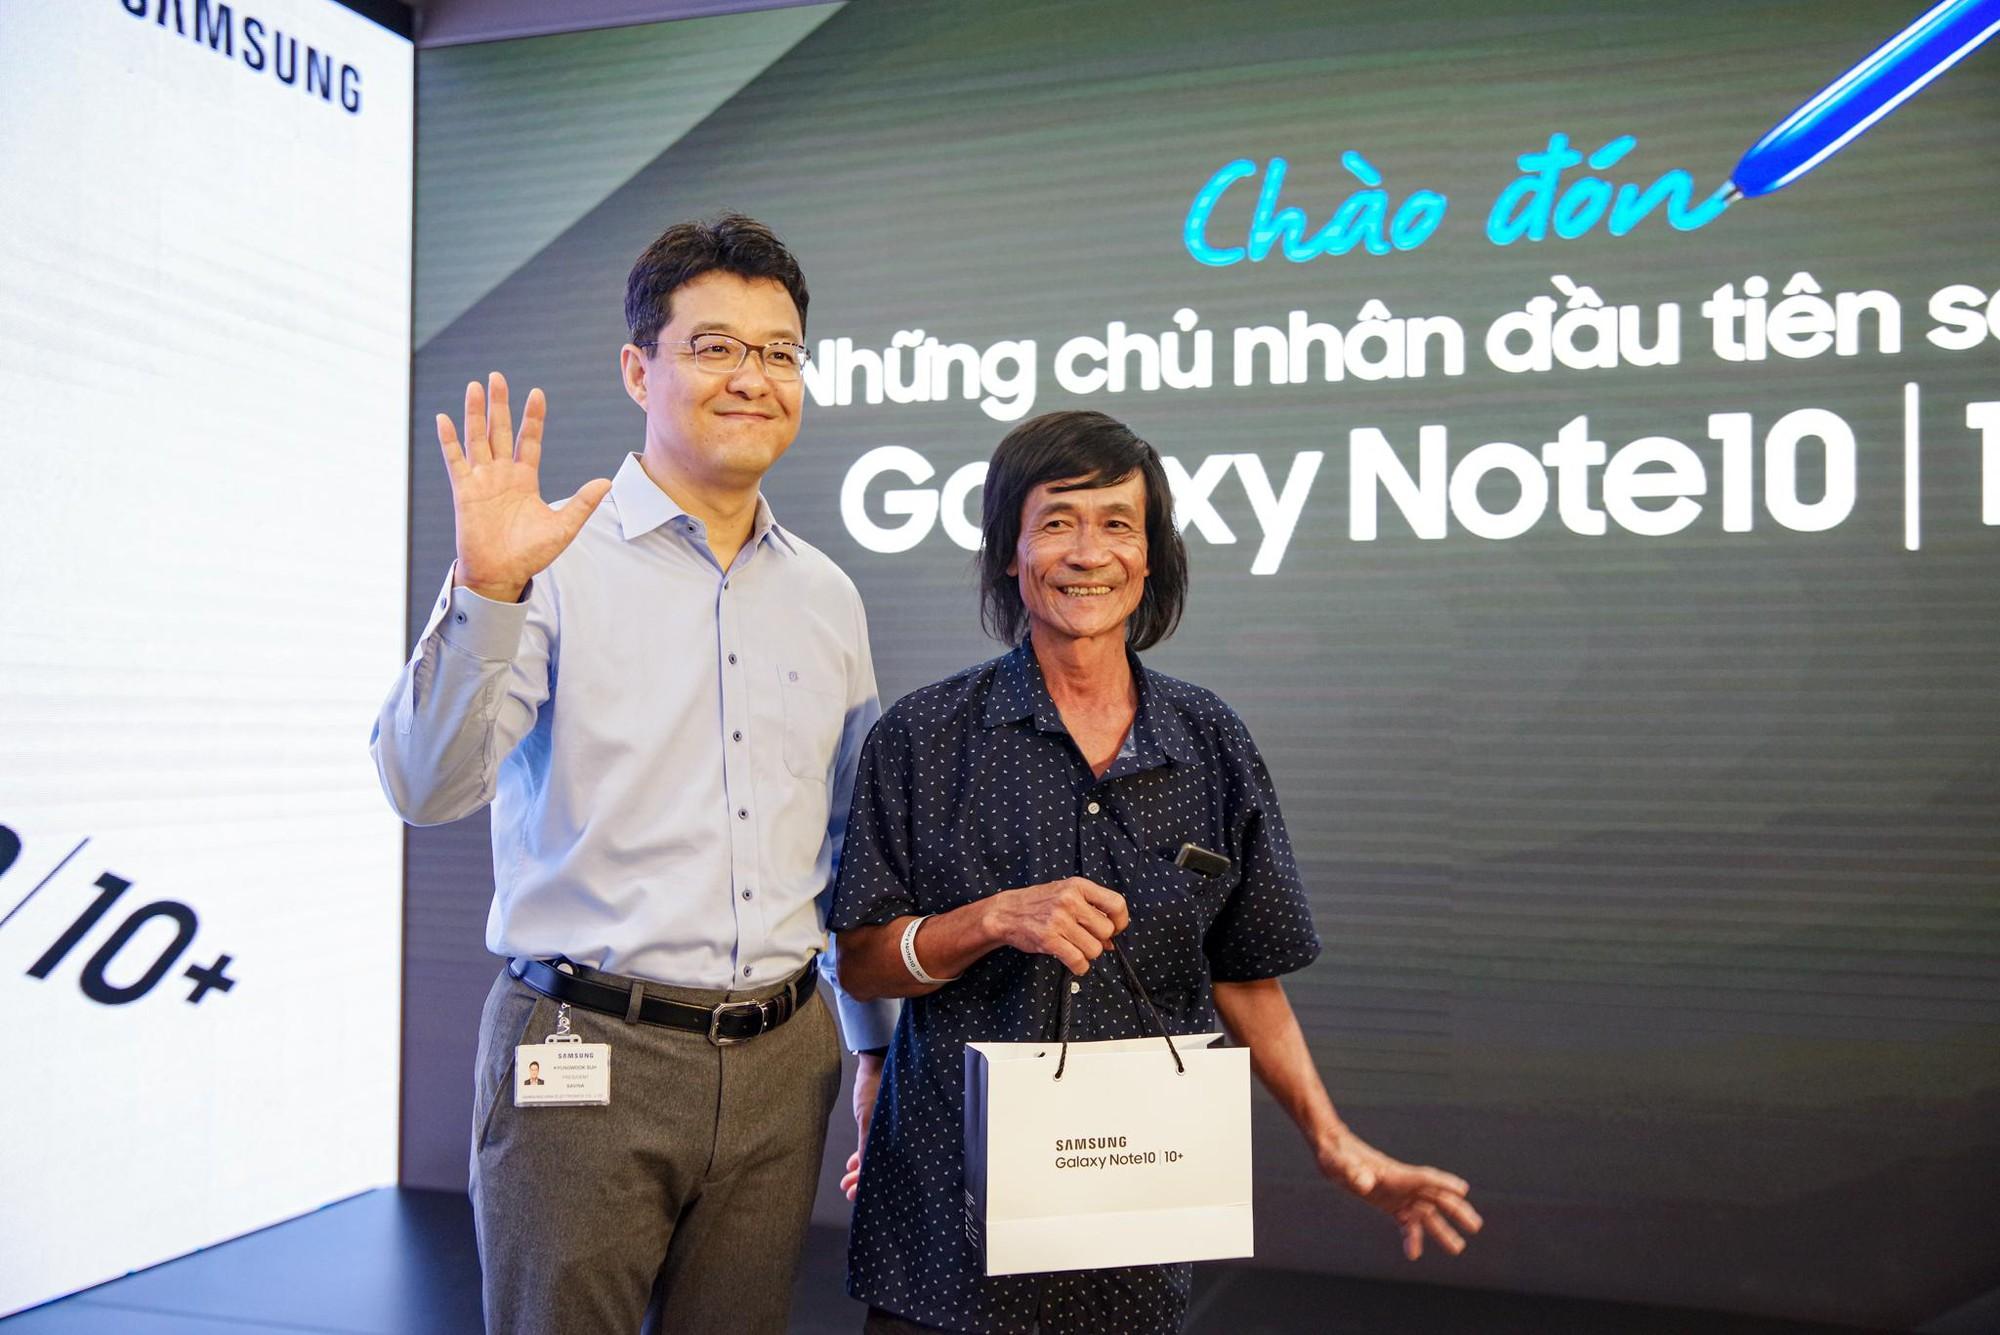 Cứ ngỡ Liên Bỉnh Phát xếp hàng mua Note10 ngày mở bán cho cô gái nào, đám đông bất ngờ nhận ra cô gái ấy là BB Trần - Ảnh 8.